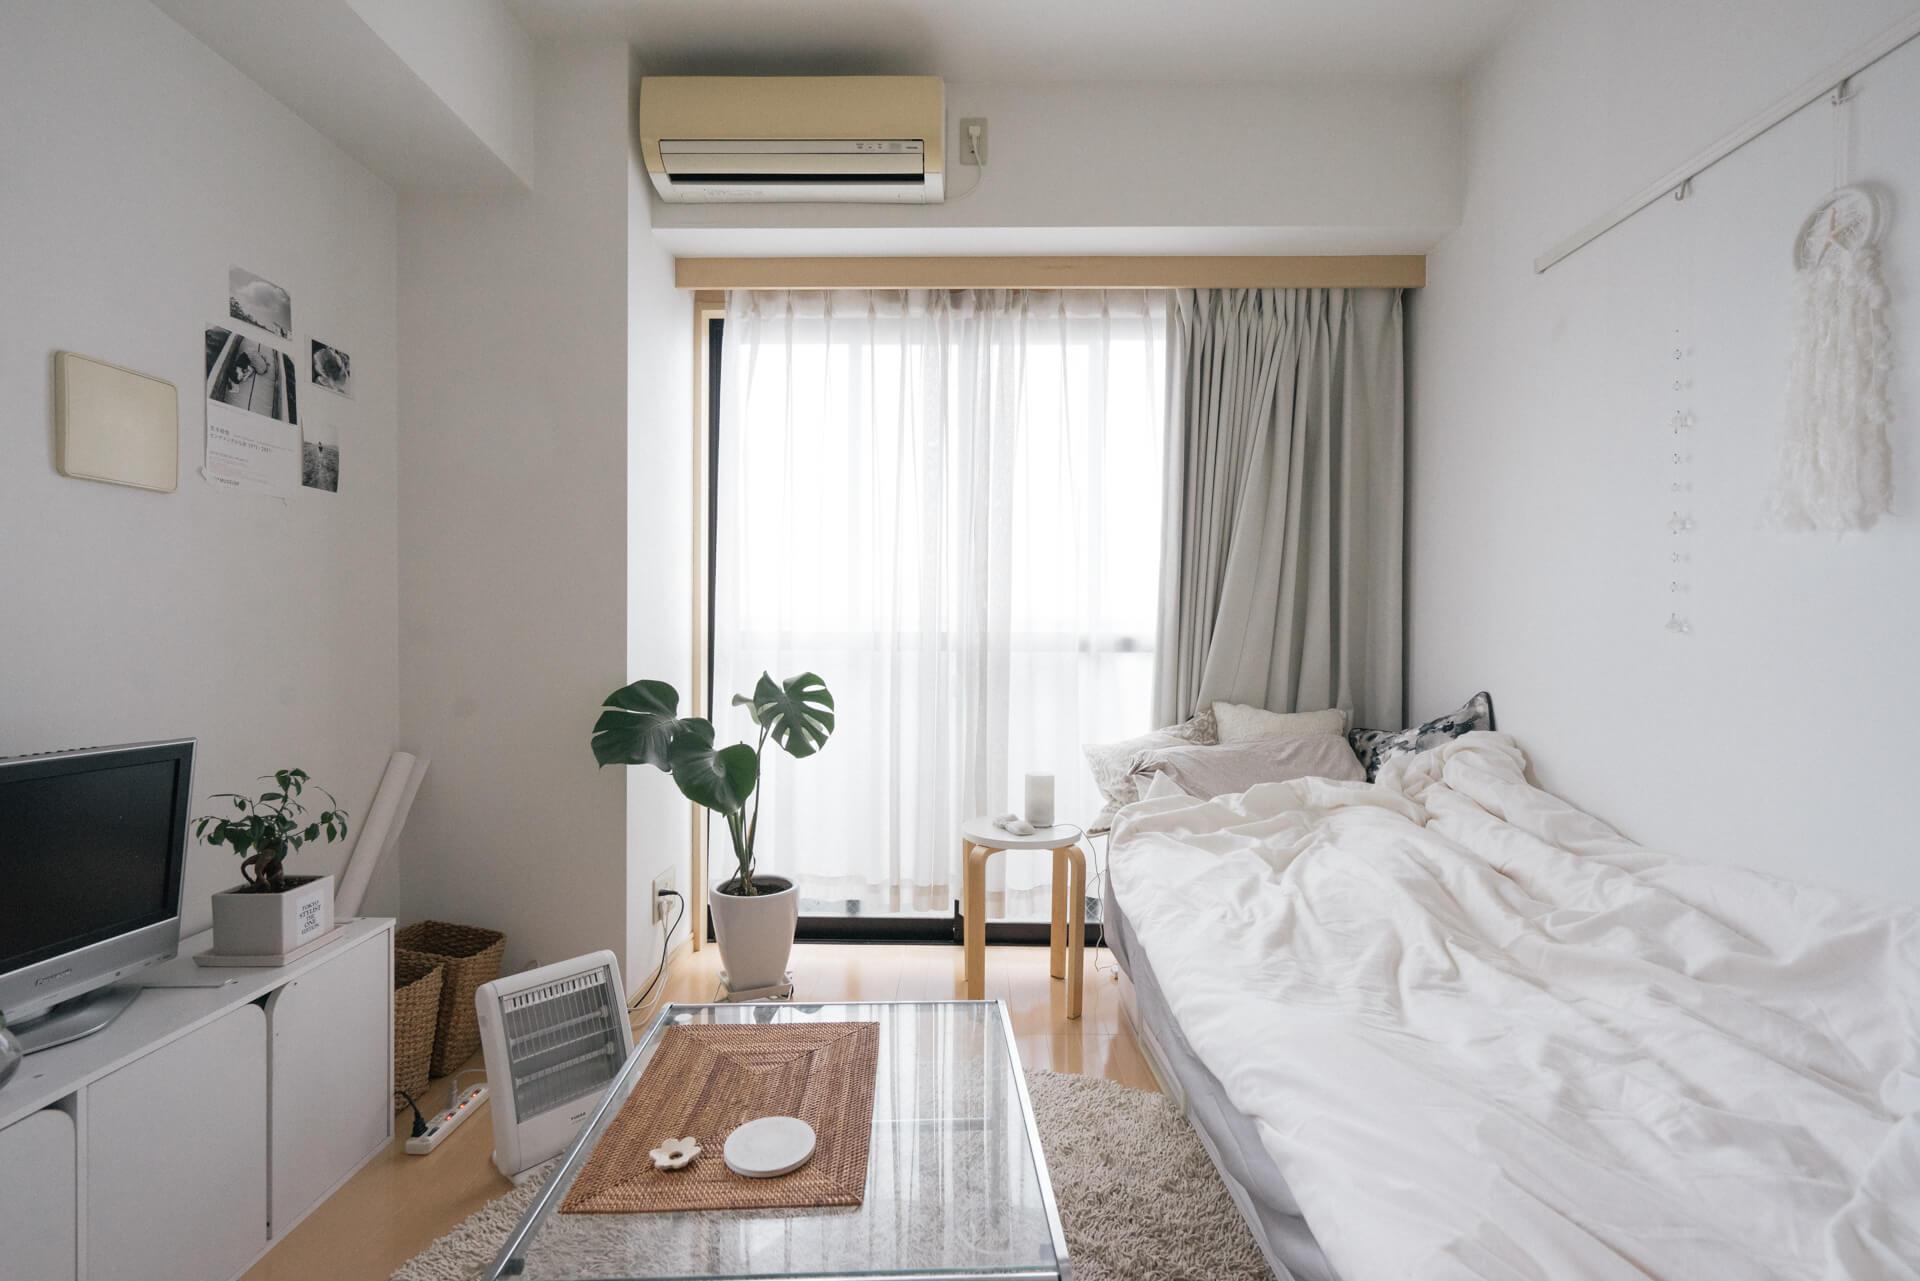 一人暮らしの小さなお部屋なら、ベッドサイドテーブルにも最適です。